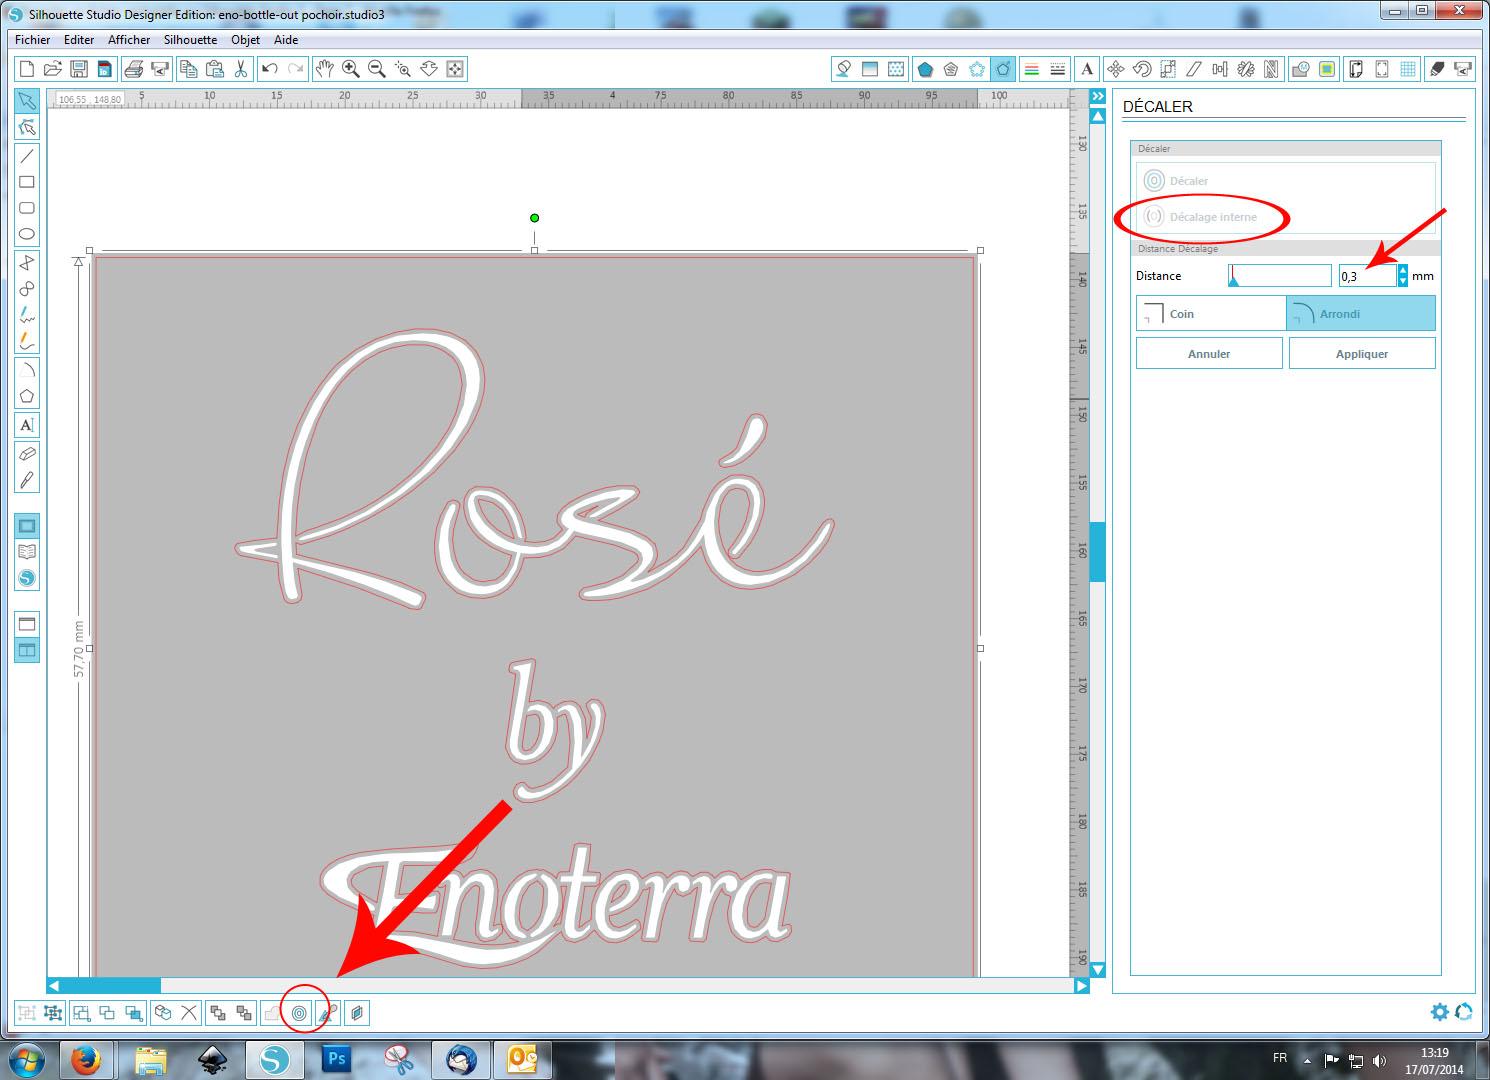 Importer un fichier vectoriel sur Silhouette Studio 3 - Page 5 Sans_t27